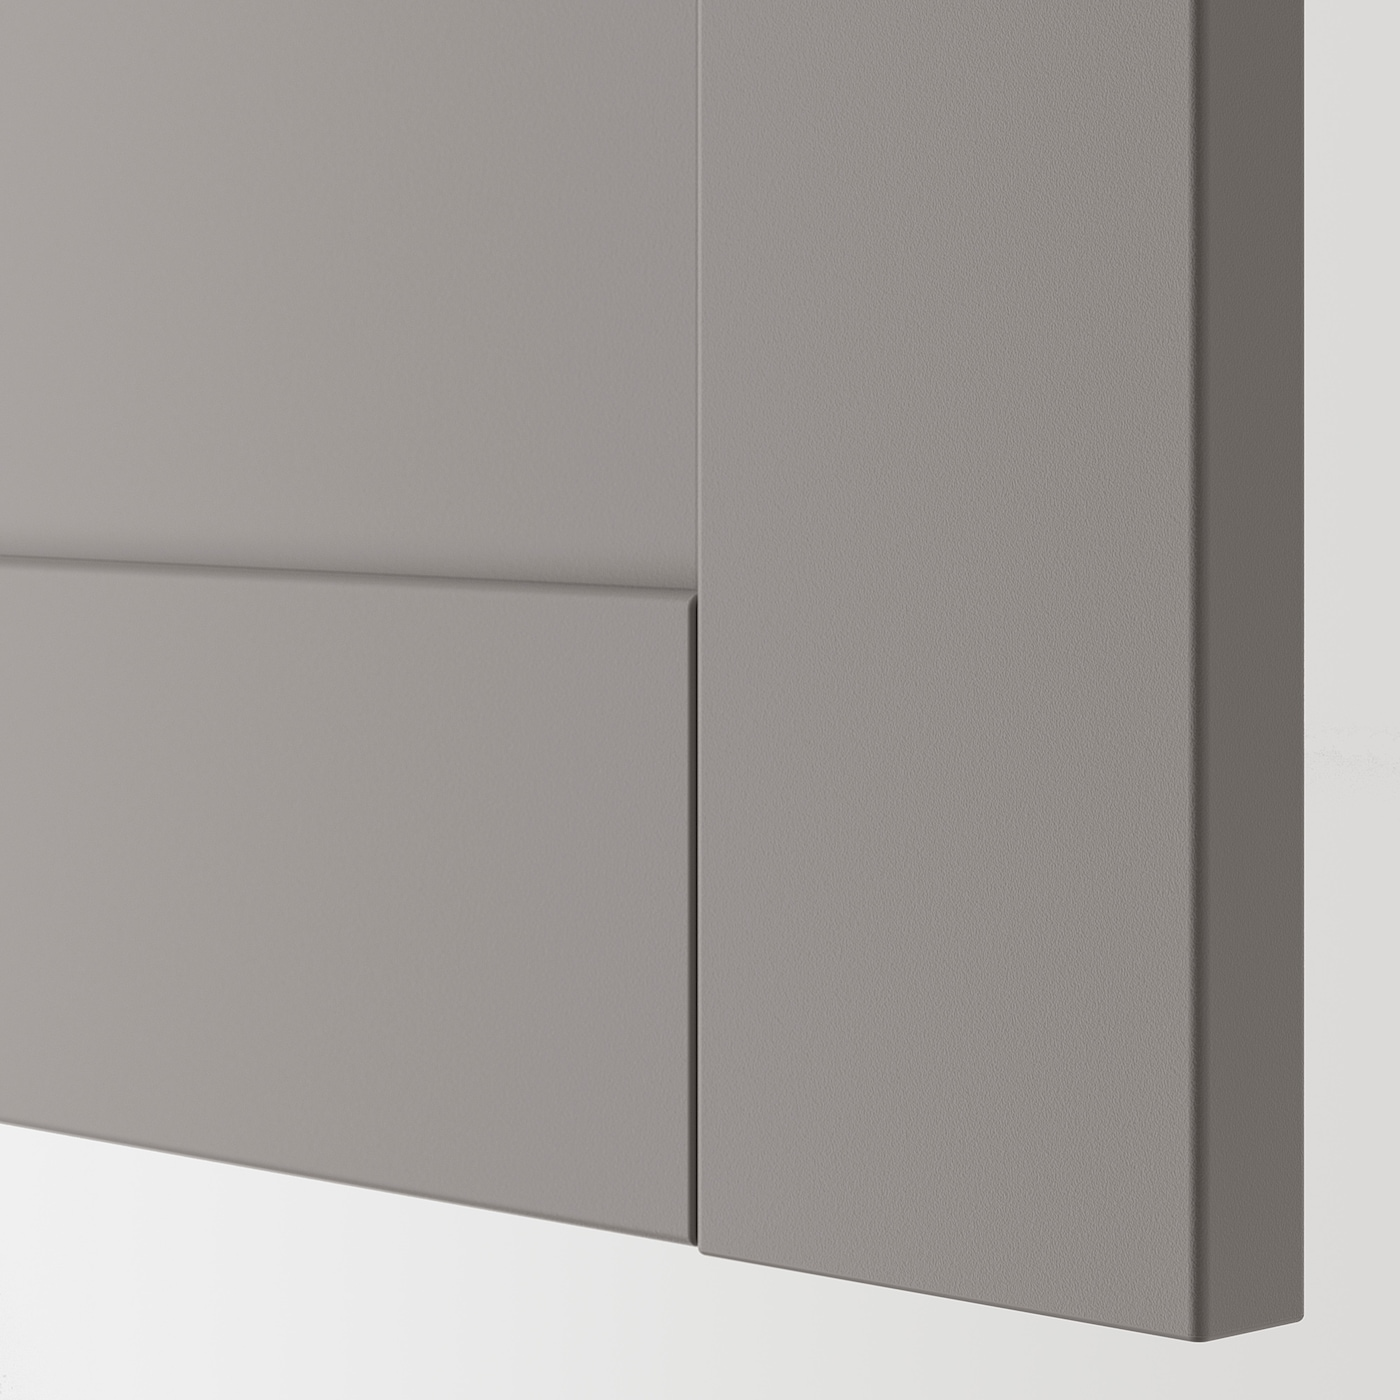 ENHET Bc w shlf/door, white/grey frame, 60x62x75 cm